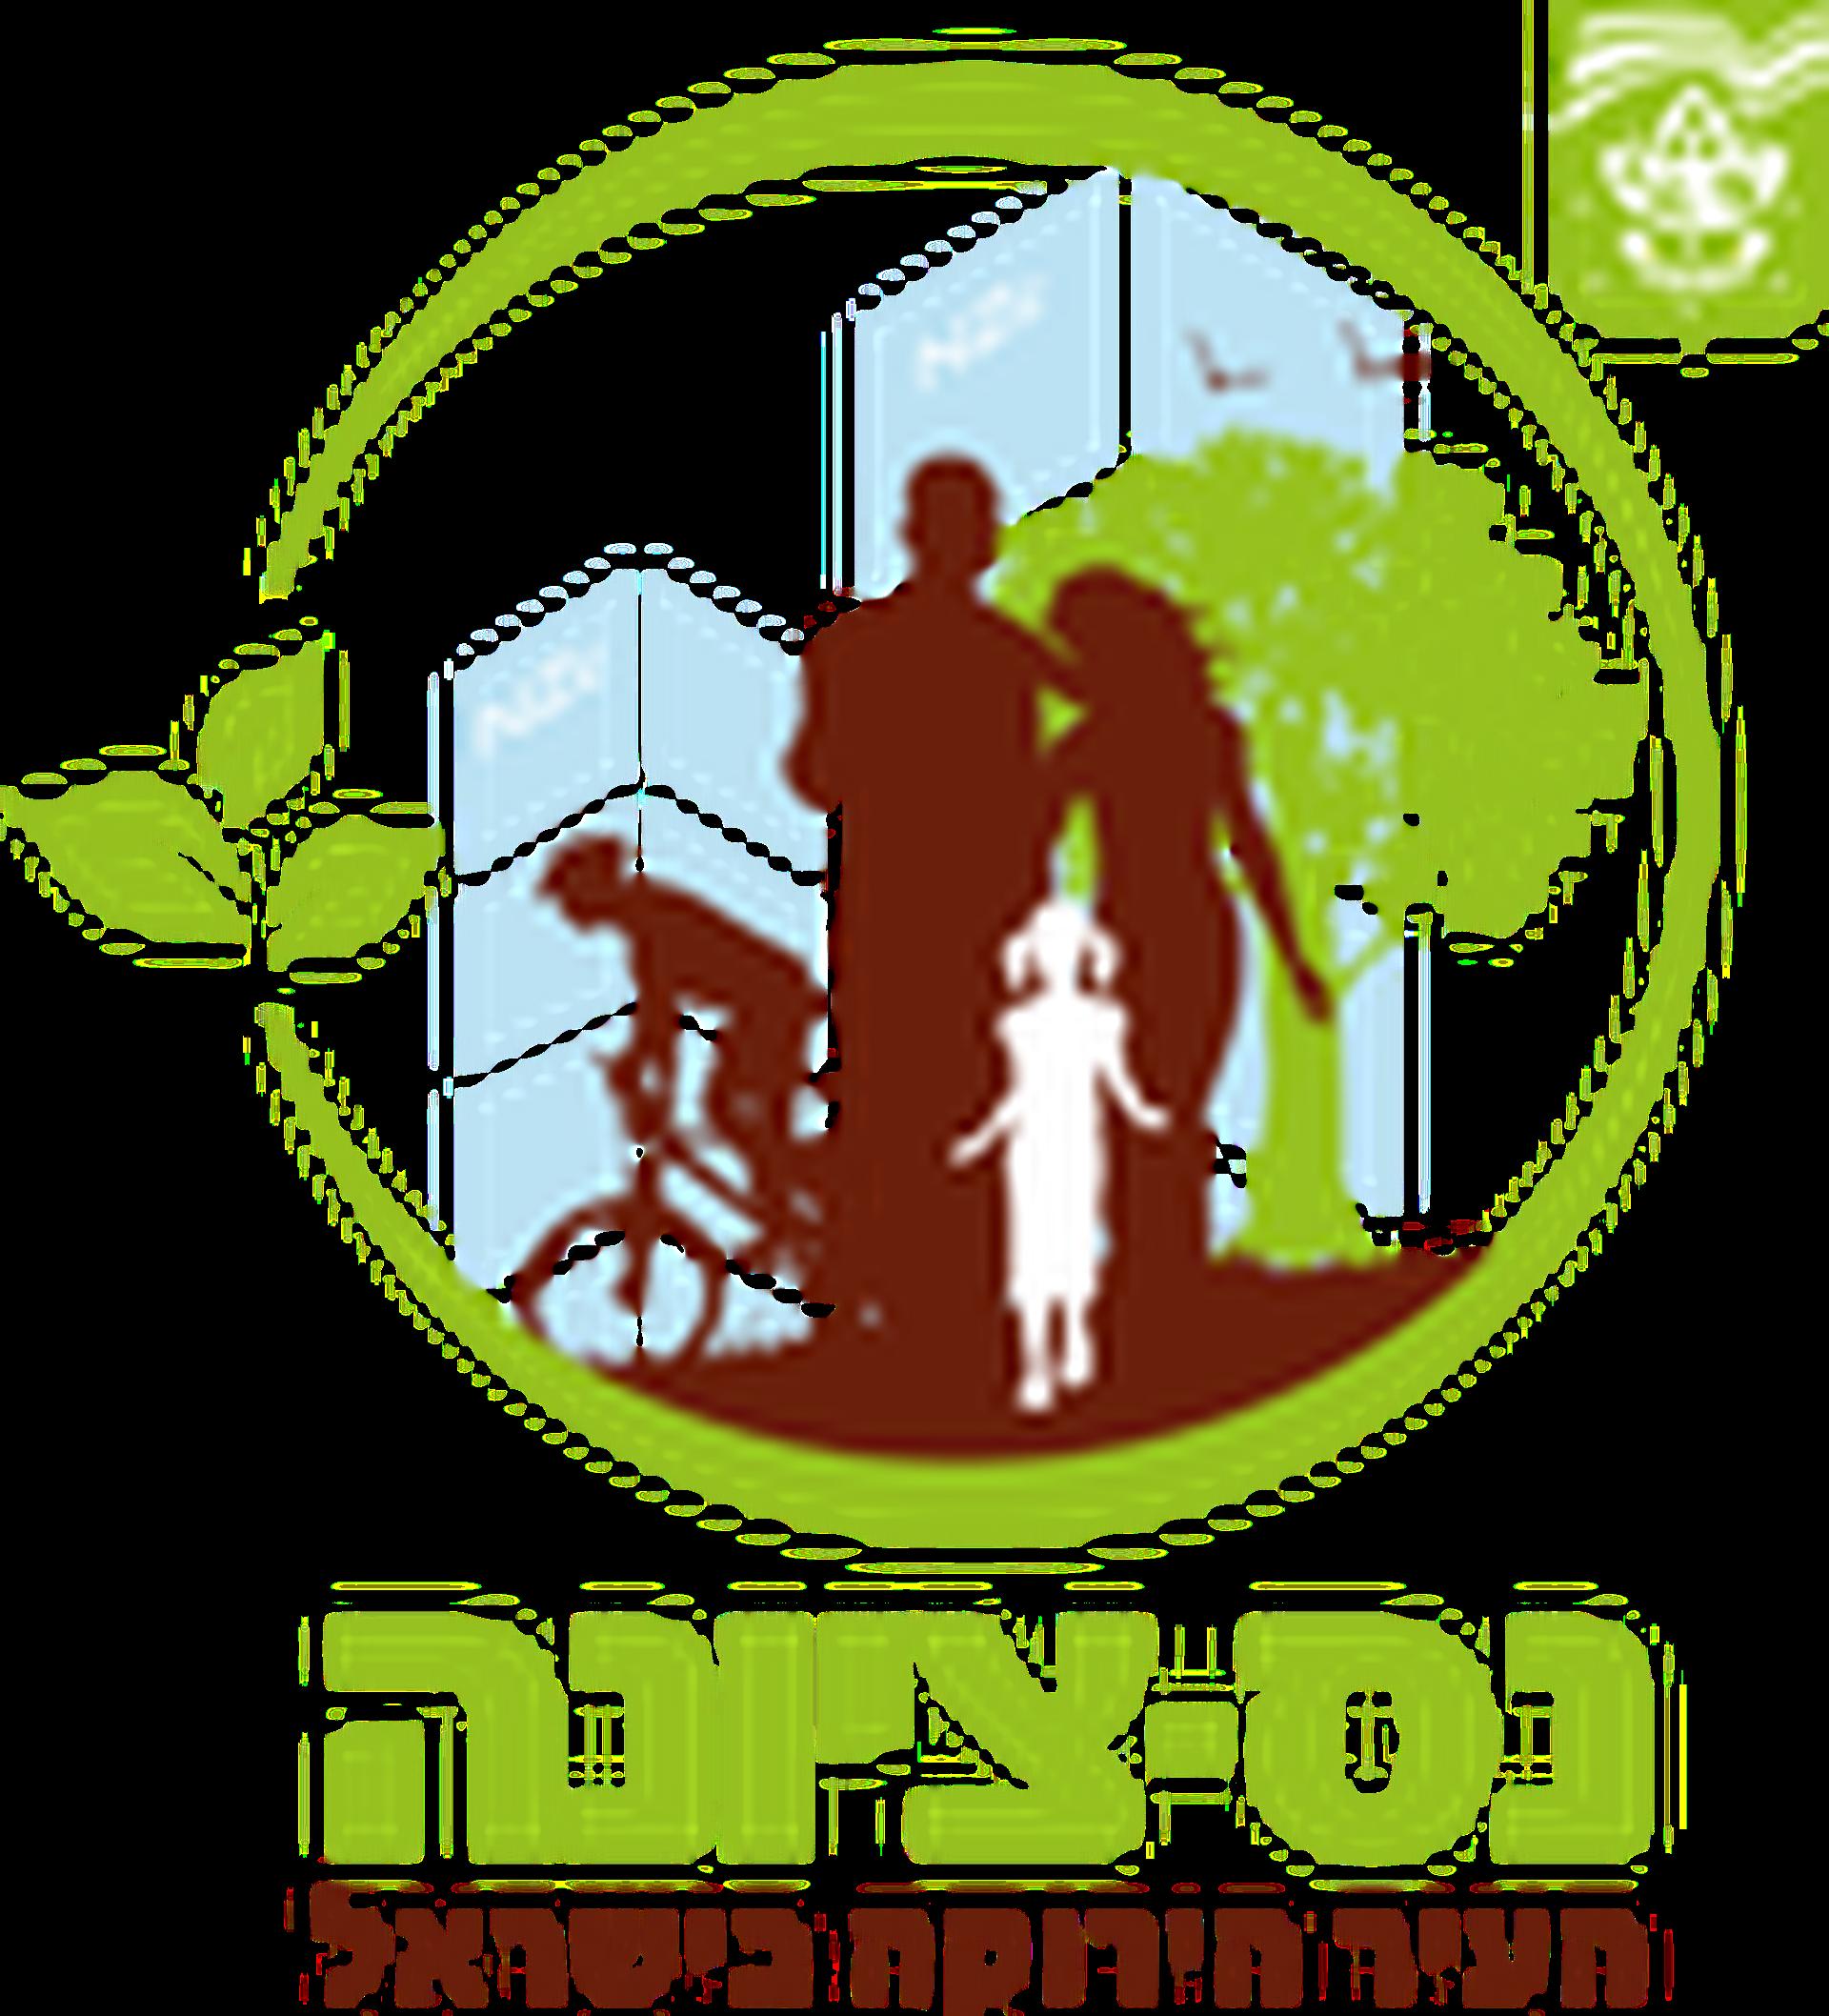 נס ציונה. מי יחליף את ראש העירייה המיתולוגי? | צילום מסך לוגו העיר